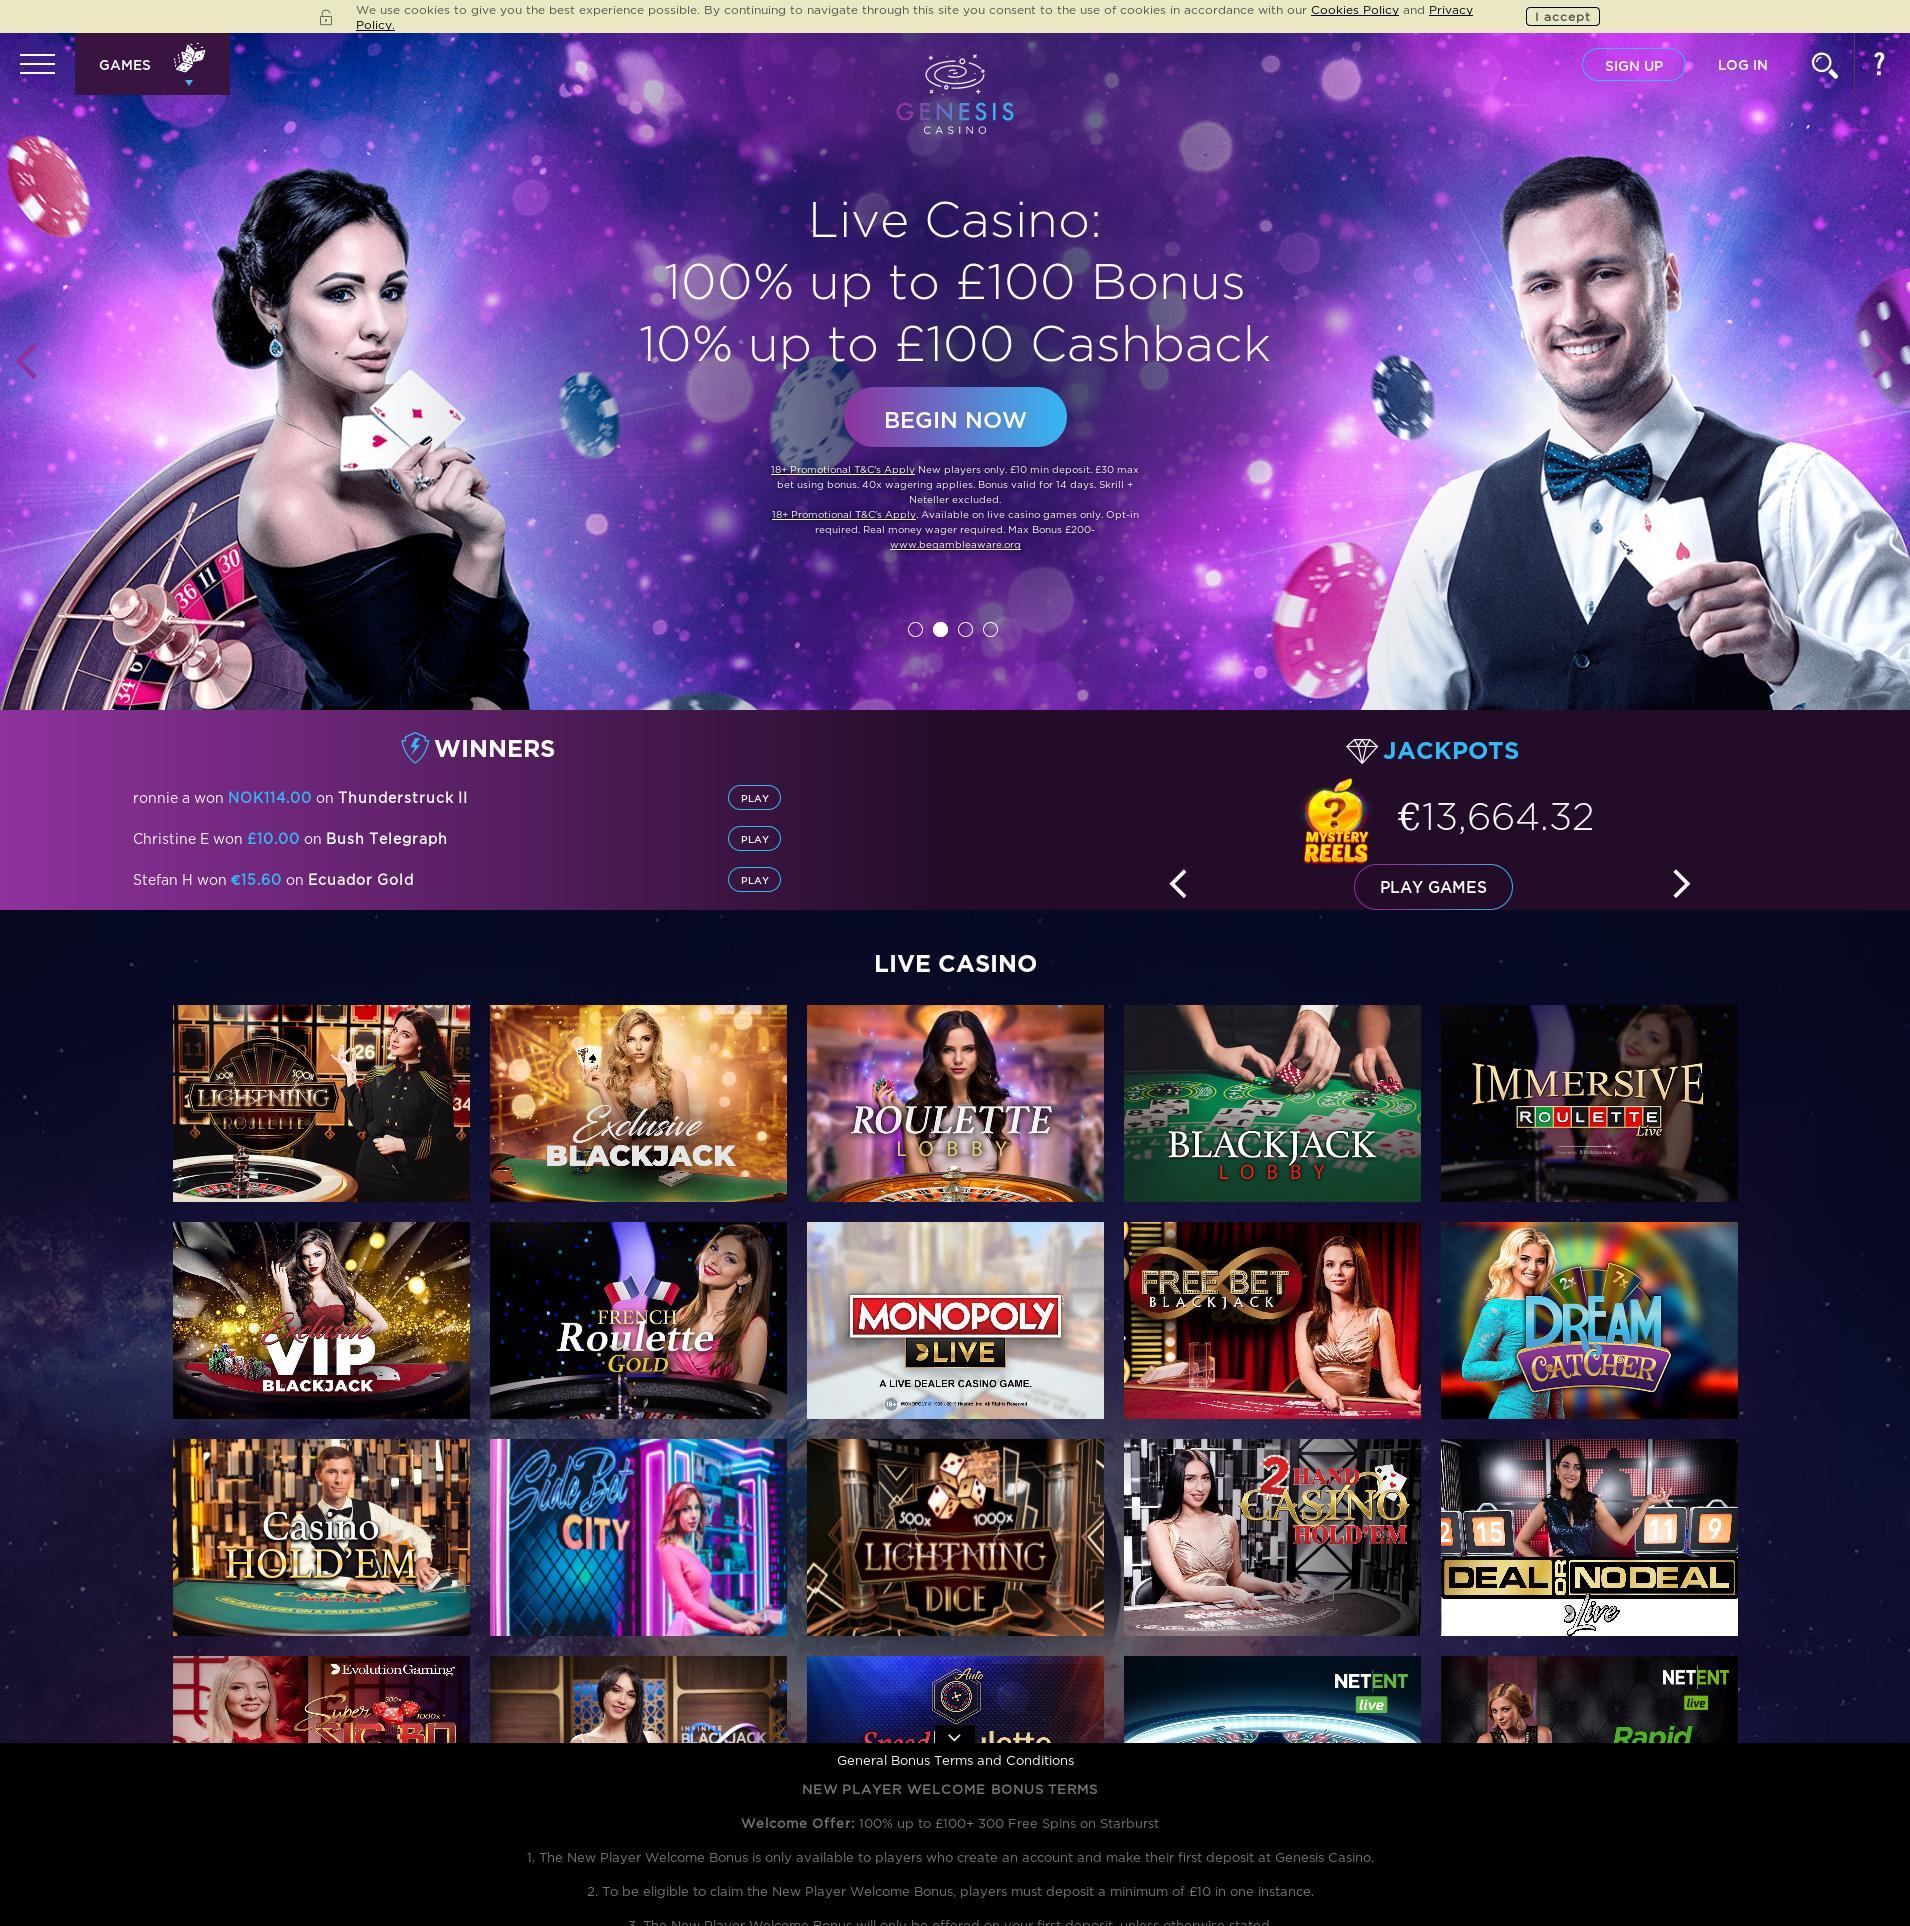 赌场的屏幕 Lobby 2019-10-16 对于 英国